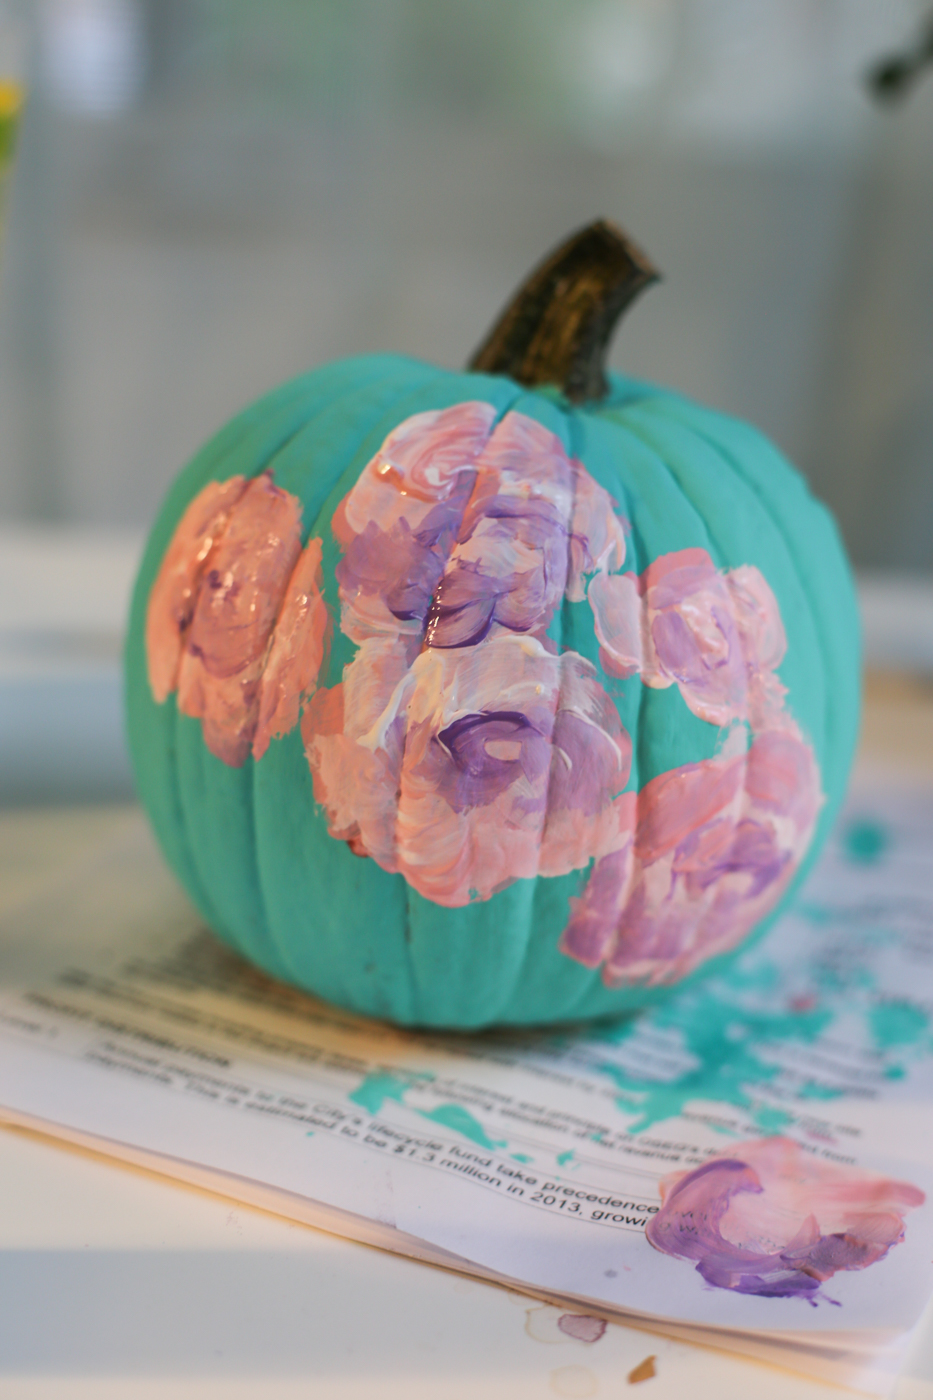 diy-floral-painted-pumpkin-4-of-6